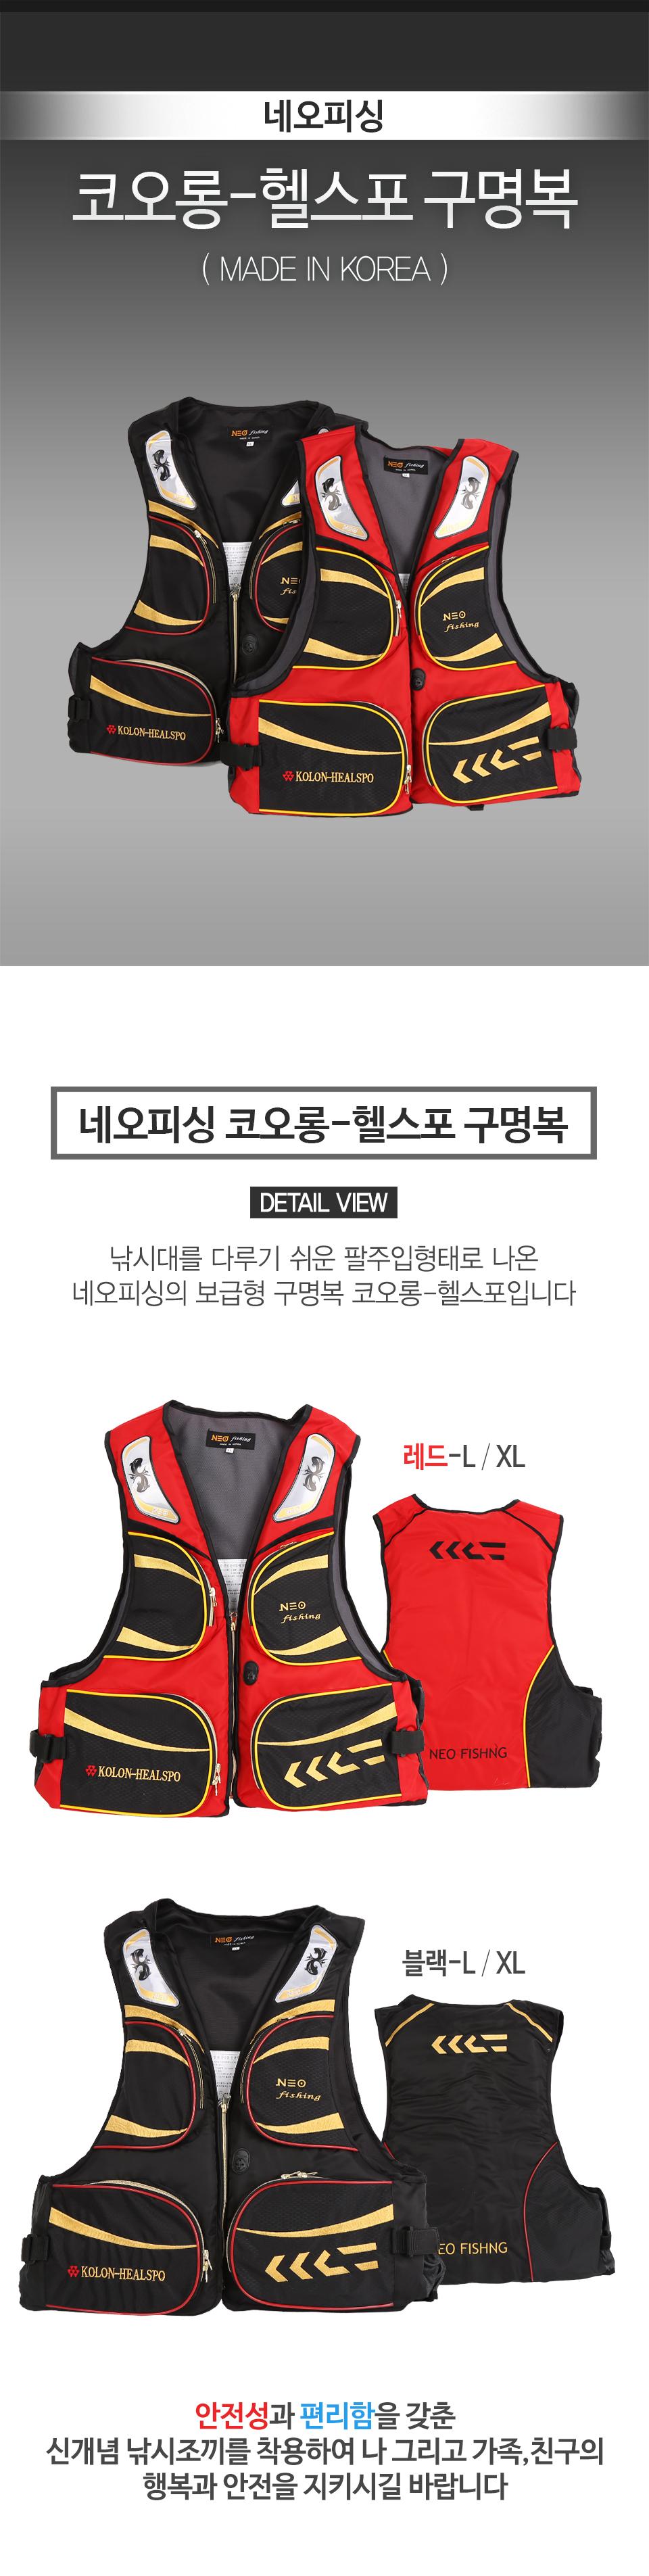 네오피싱 코오롱-헬스포 구명복 (MADE IN KOREA) 3레이어원단 코오롱원단 네오구명복 라이프자켓